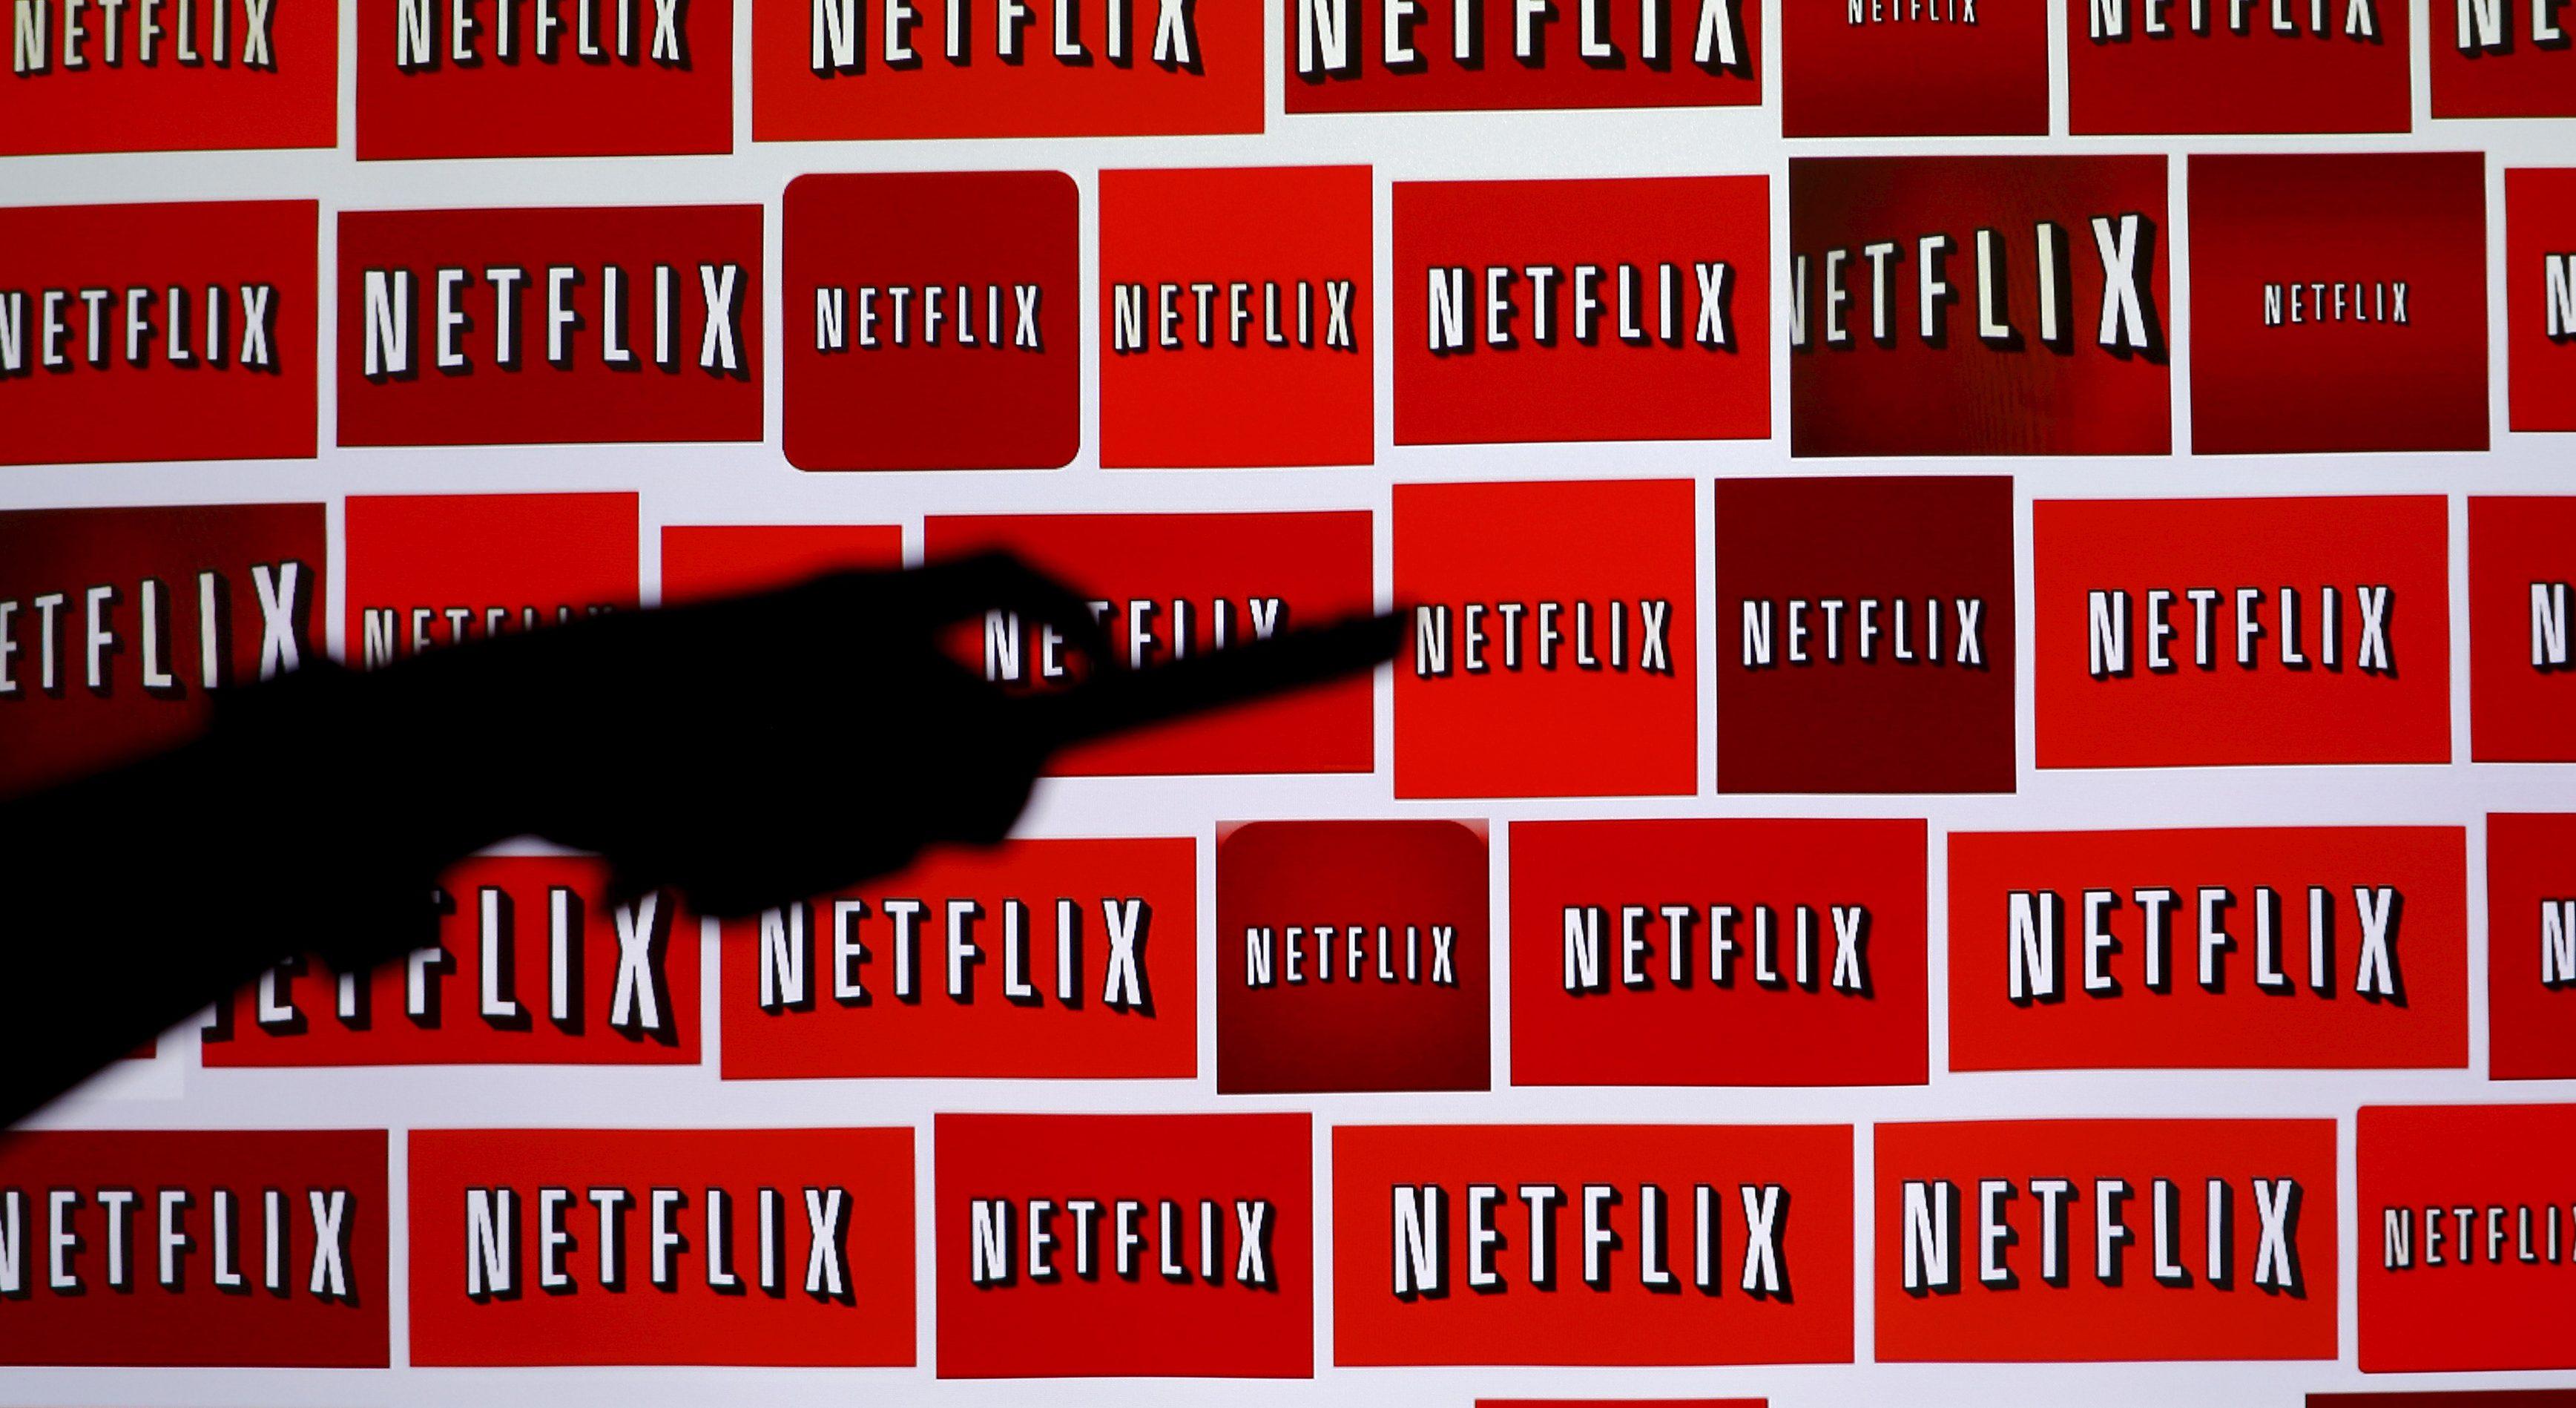 Netflix logo: Will Netflix start showing ads?